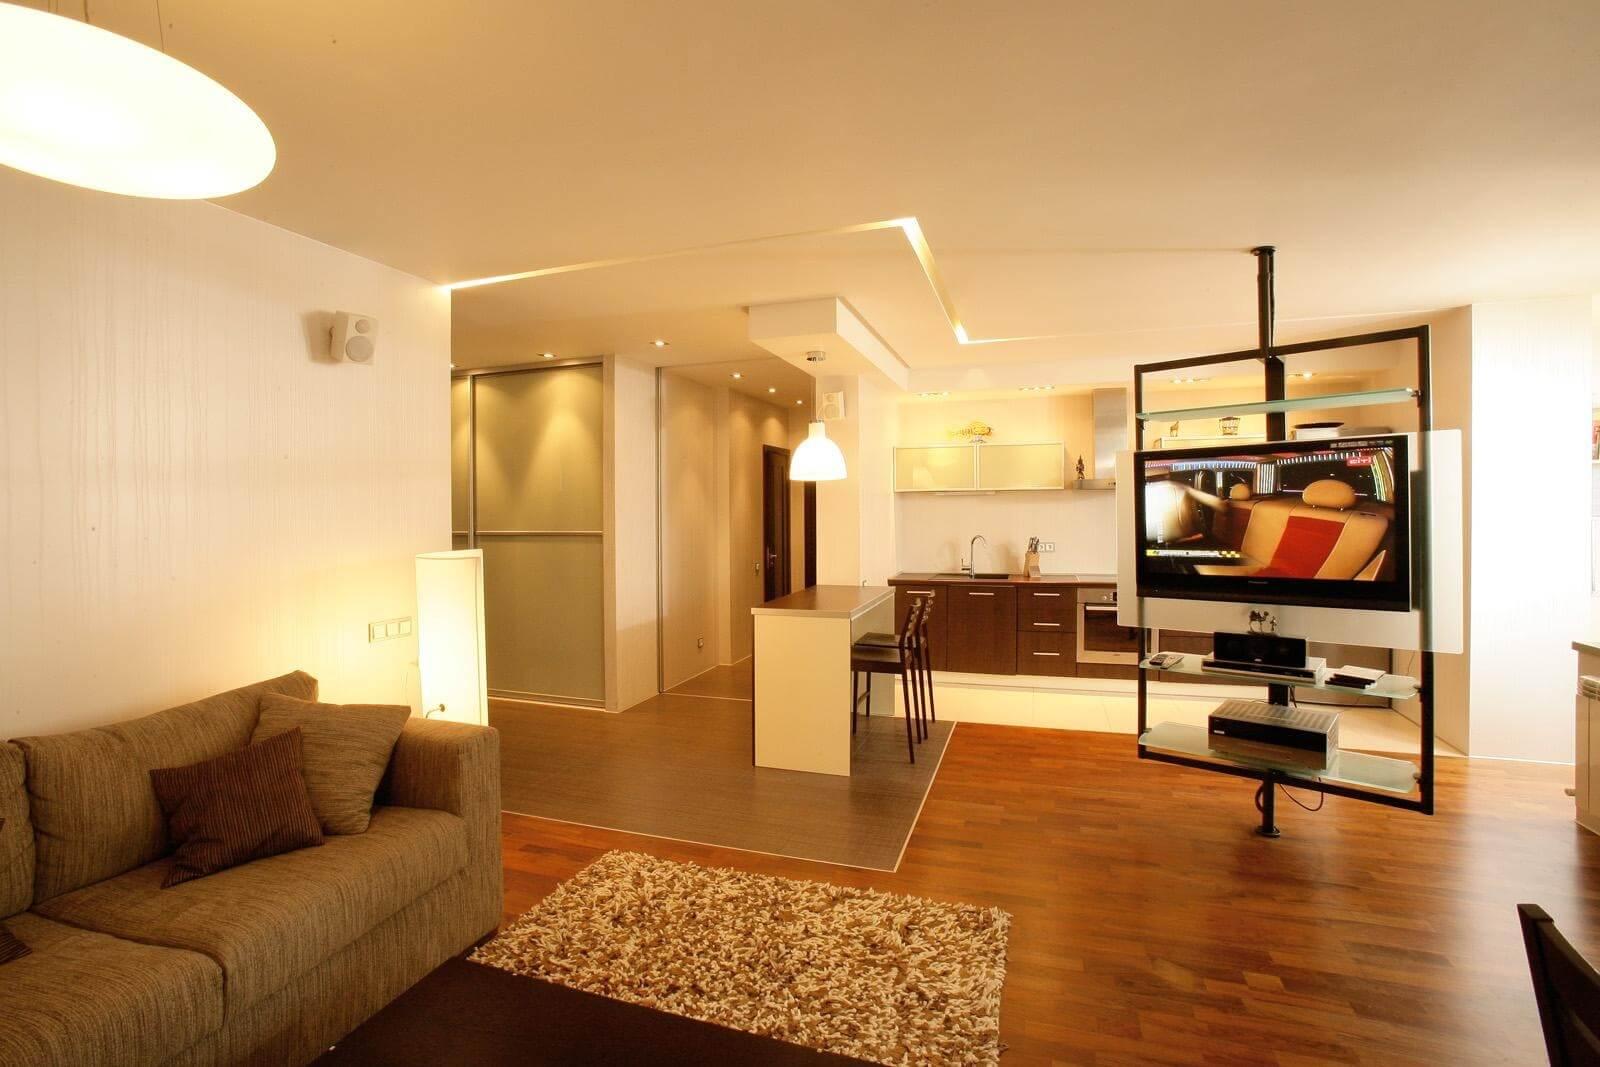 натюрморт может фото квартир студий с ремонтом и мебелью это одно